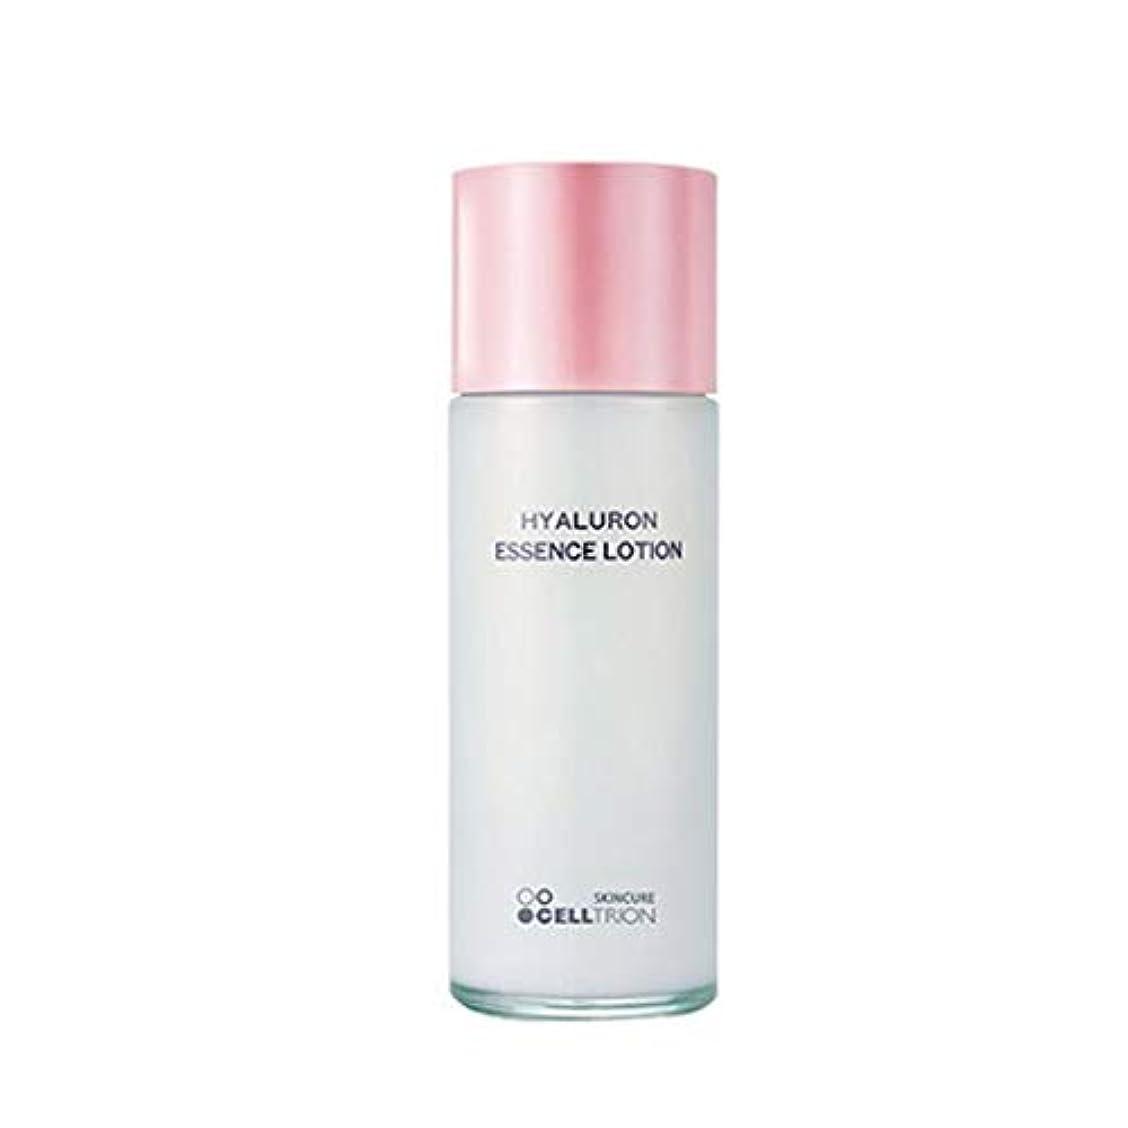 セルトリオンスキンキュアヒアルロンエッセンスローション 150ml 美白シワ改善、Celltrion Skincure Hyaluron Essence Lotion 150ml Anti-Wrinkle [並行輸入品]